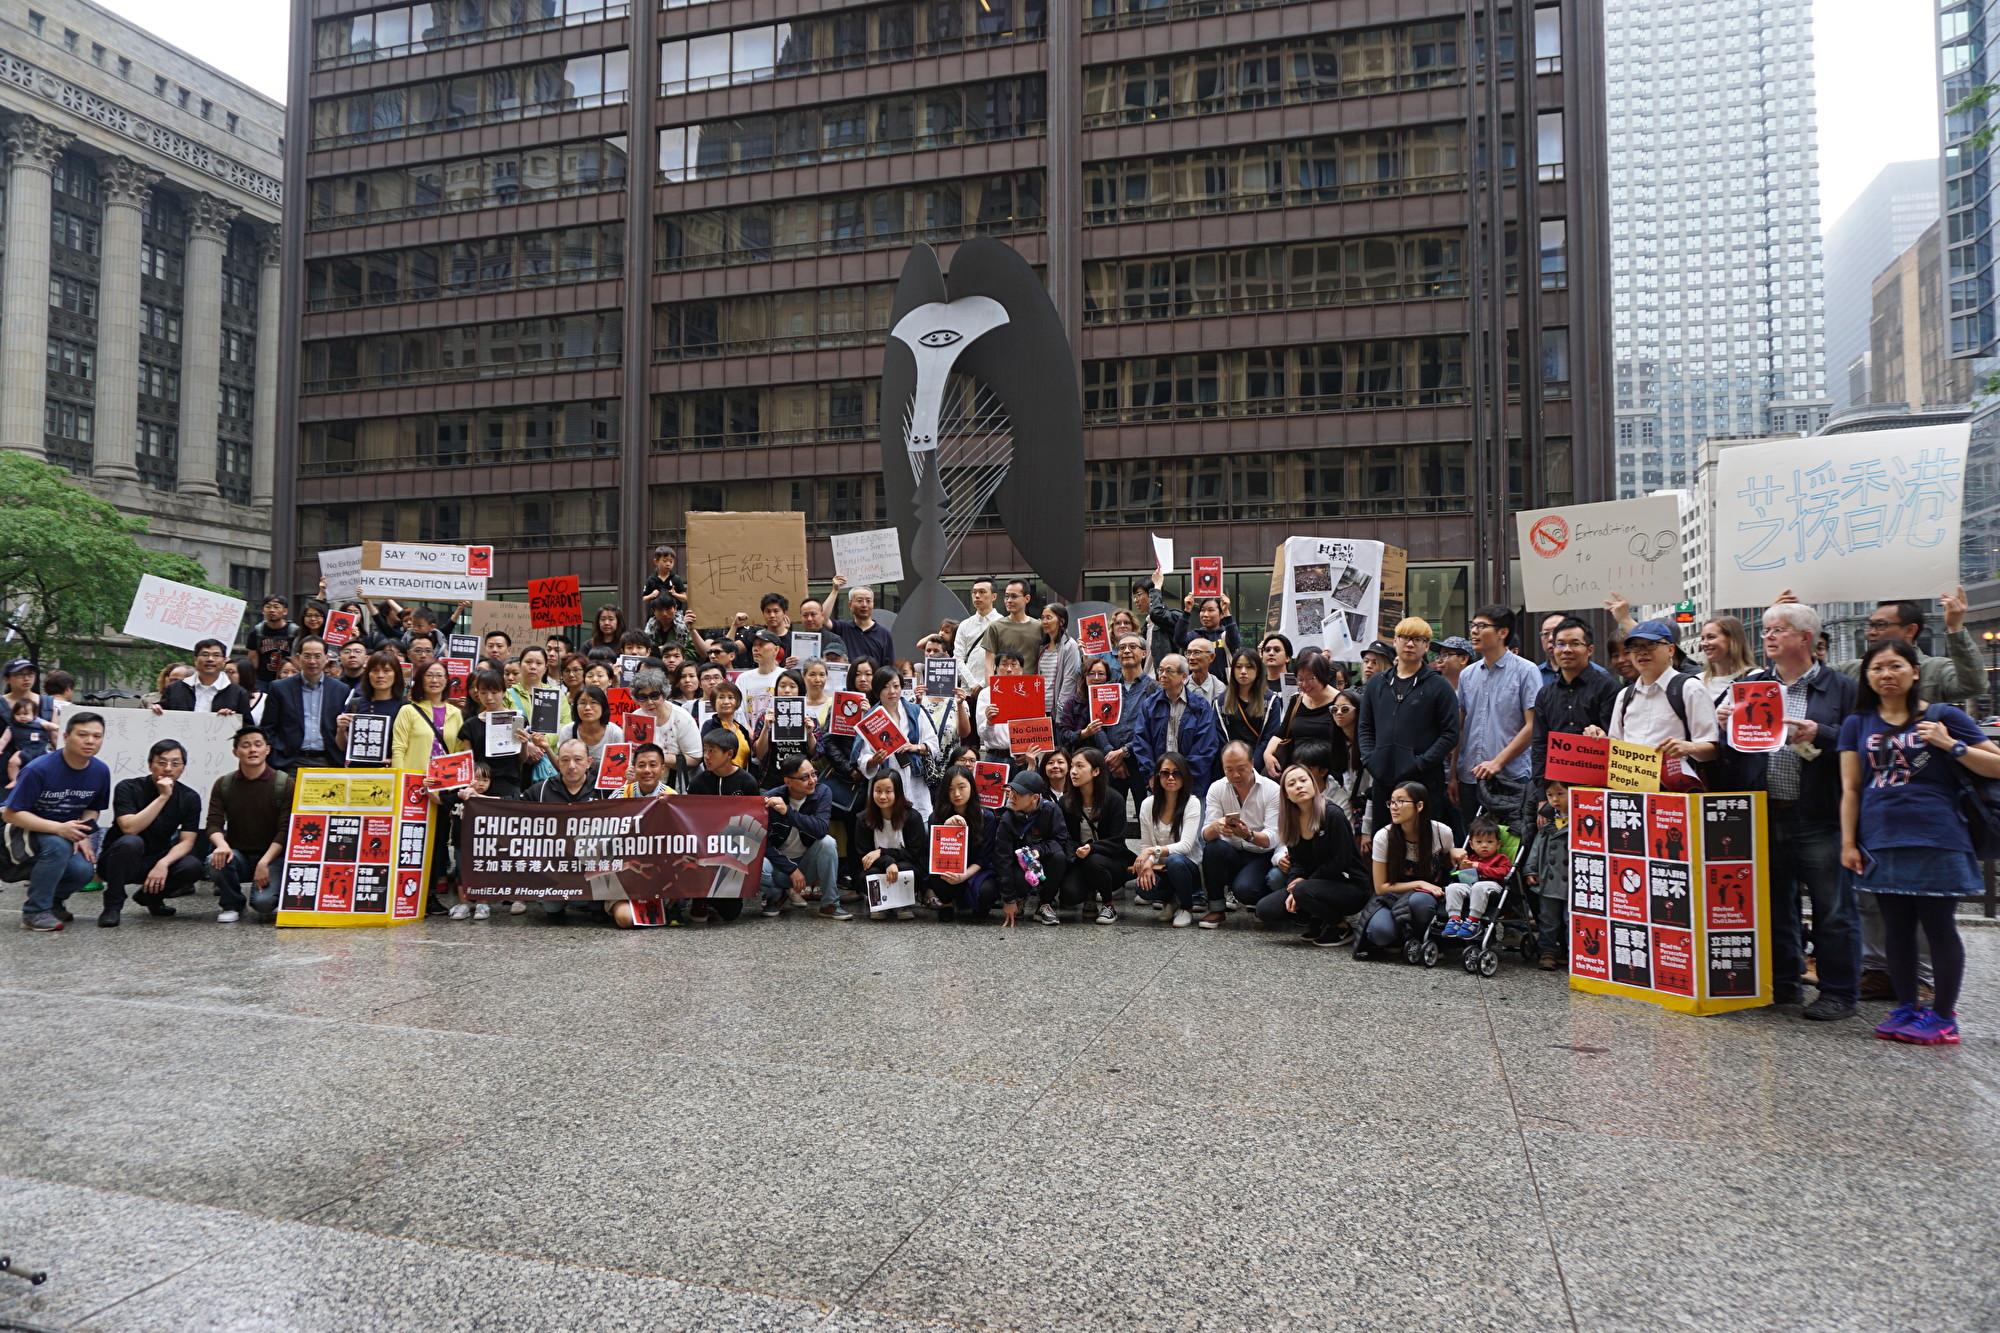 2019年6月9日,由「香港人在芝加哥」召集,上百人在芝加哥市中心戴利廣場舉行聲援香港「反送中」集會。(溫文清/大紀元)